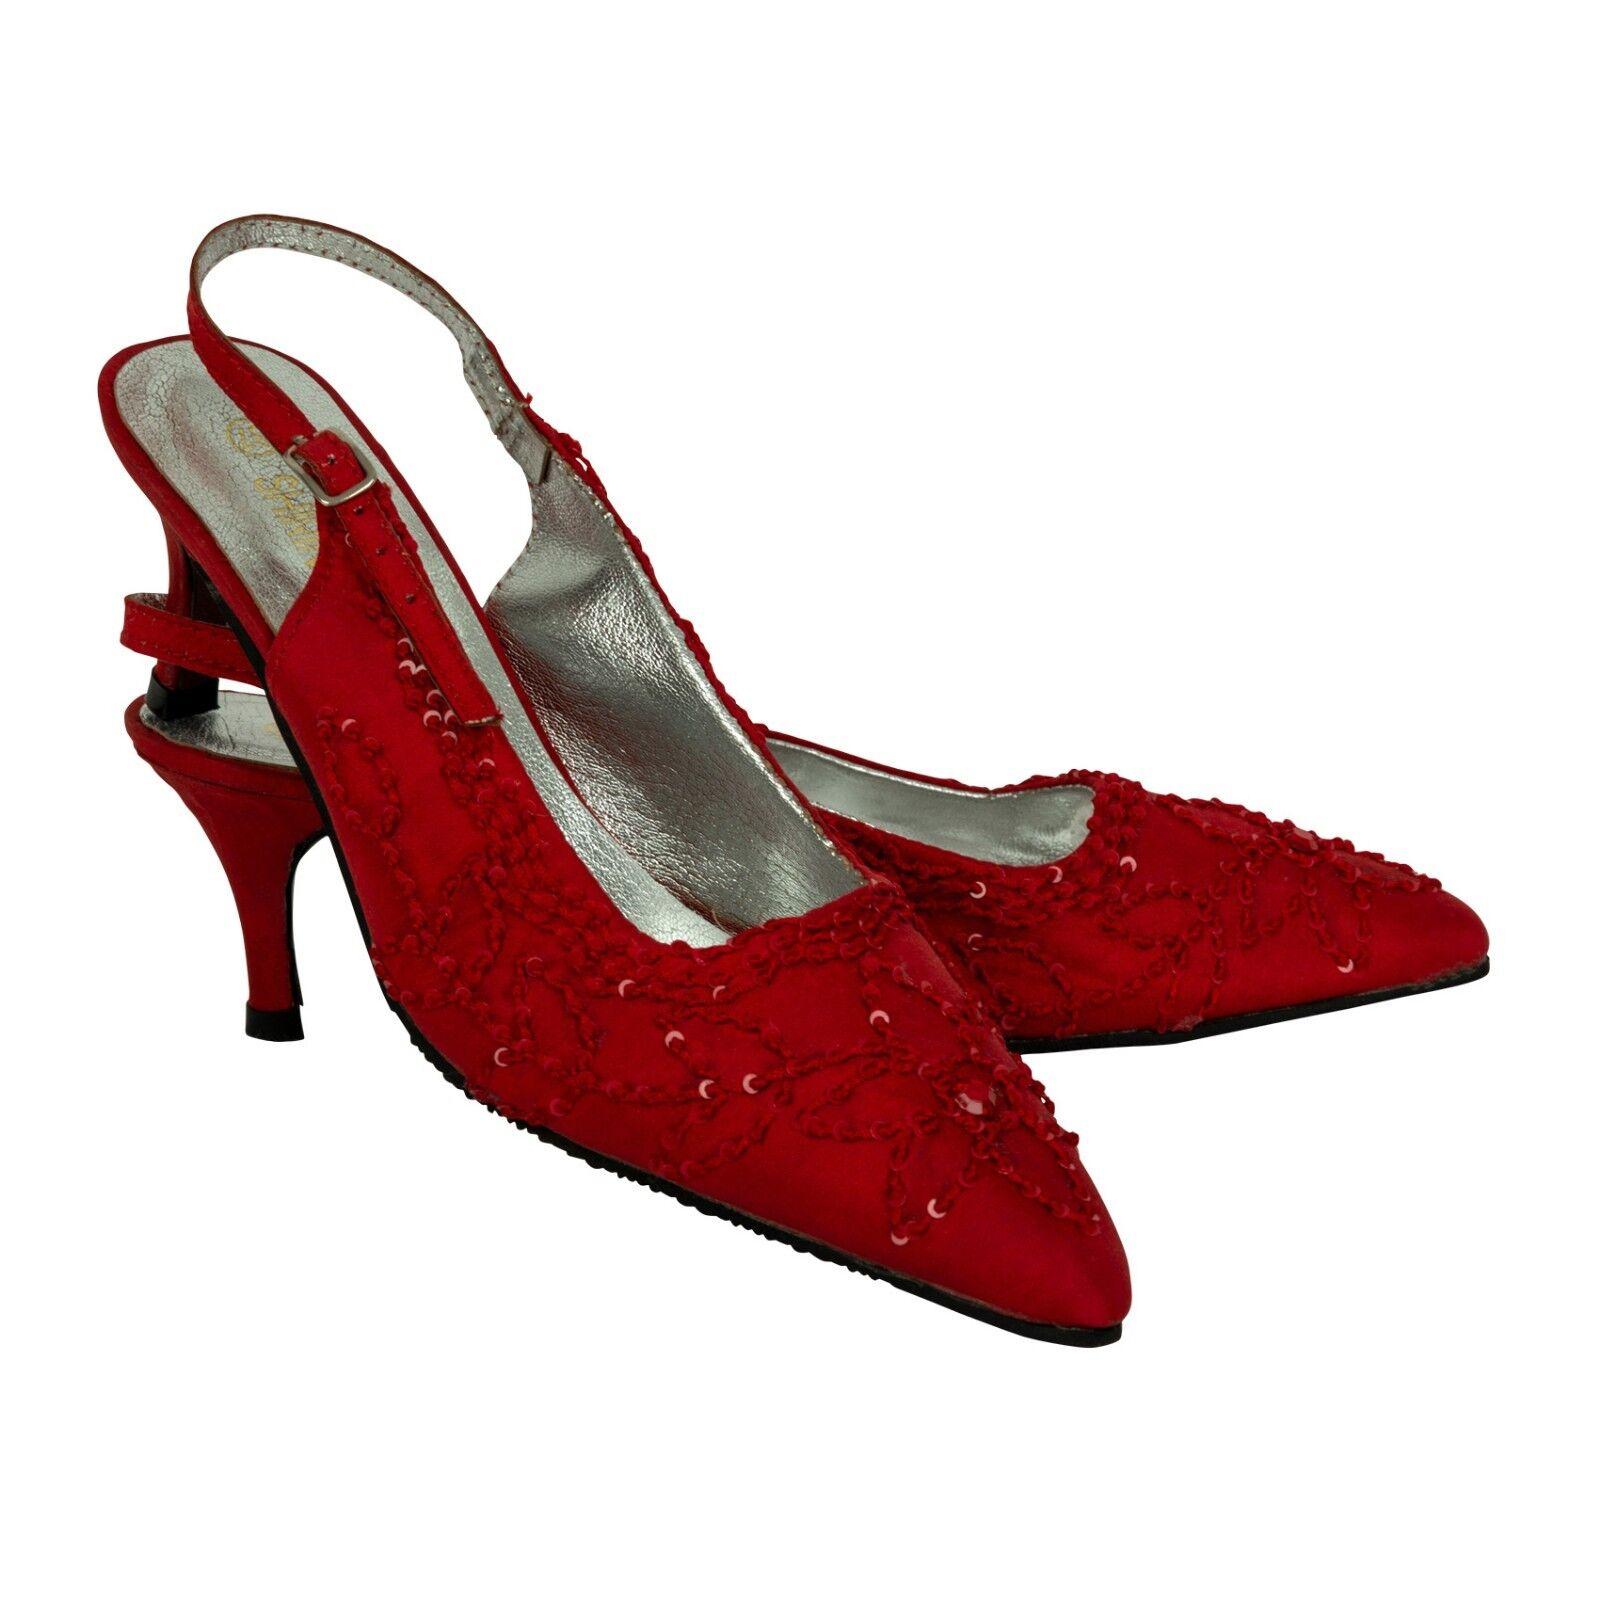 Pumps rouge Besteickt High Heel 6 cm  40, Abendchaussures  Slingback Riemen Seide